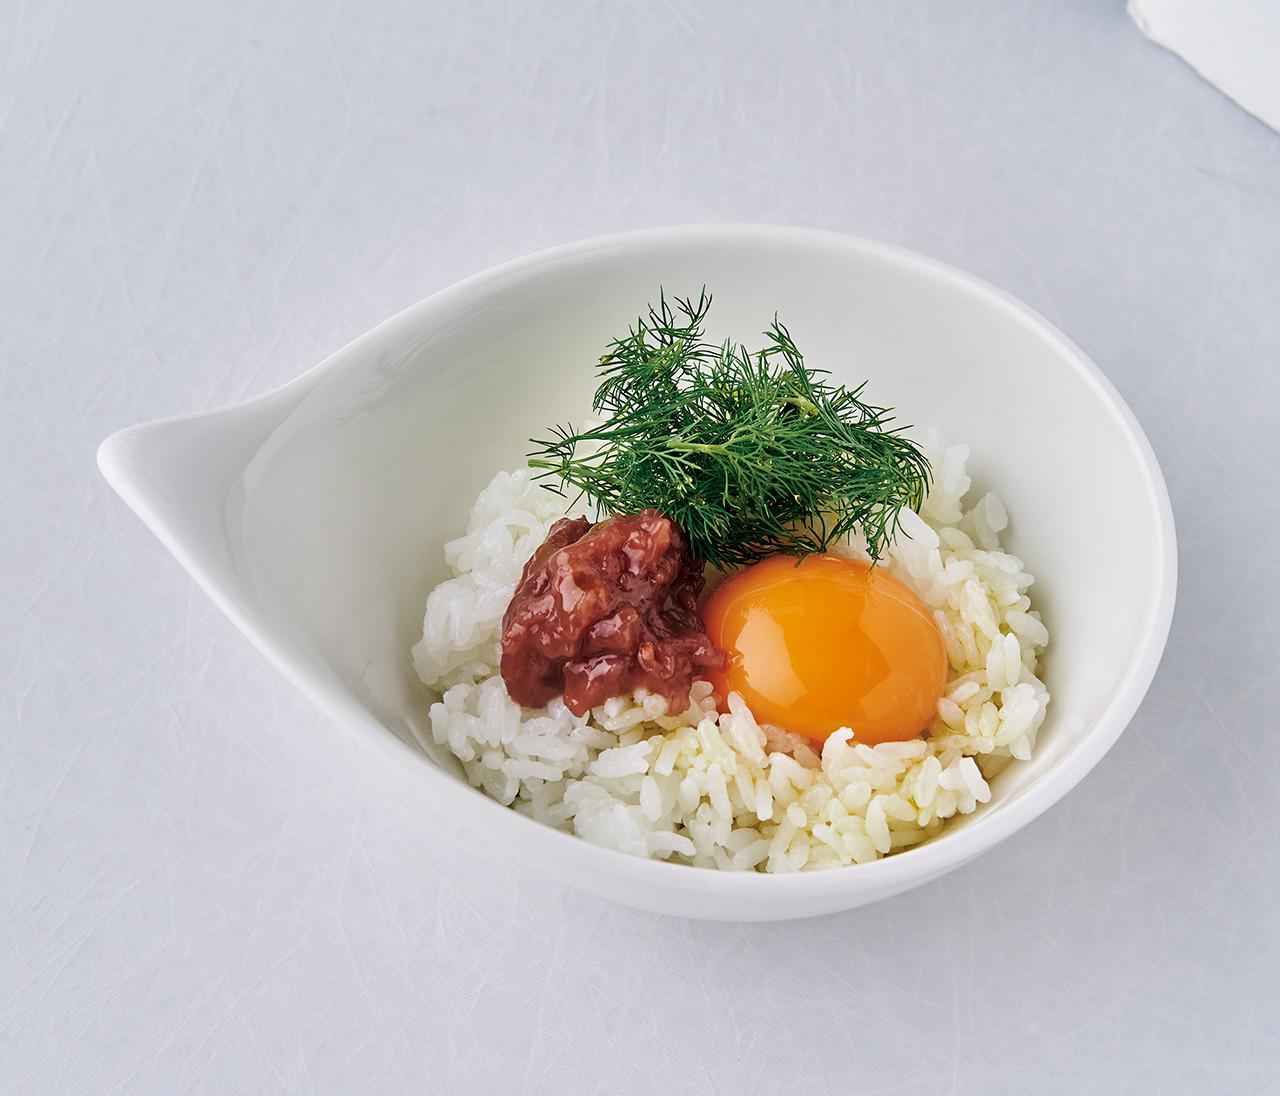 おしゃれTKG、マンネリ知らずの目玉焼きetc.今すぐ作れるレシピ満載!【ツレヅレハナコの卵レシピ2】